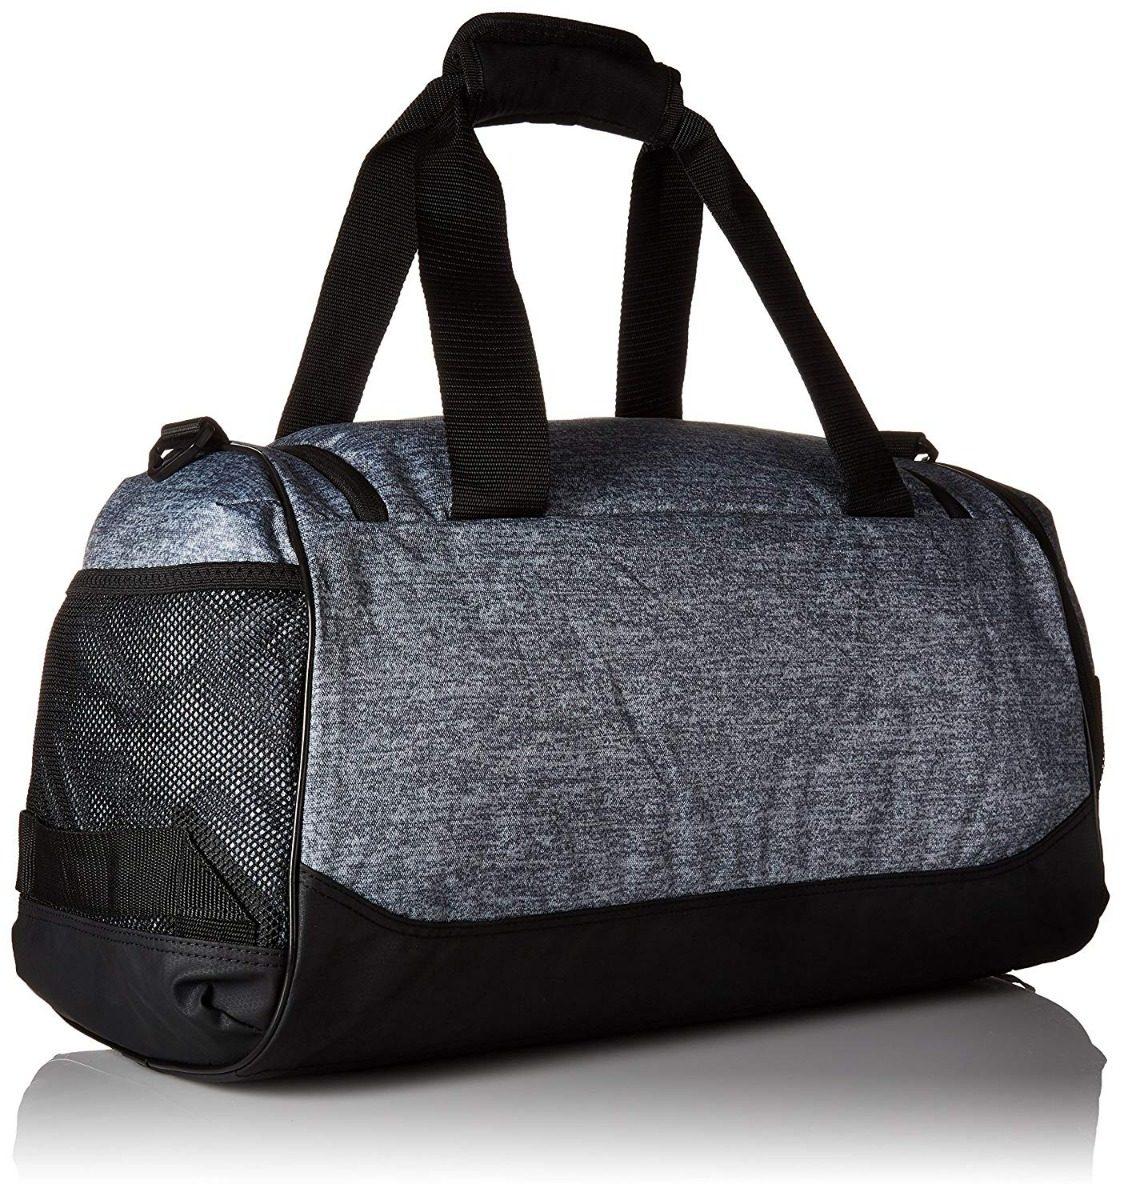 bolsa adidas team issue duffel bag. Cargando zoom. ad5eded6a4446